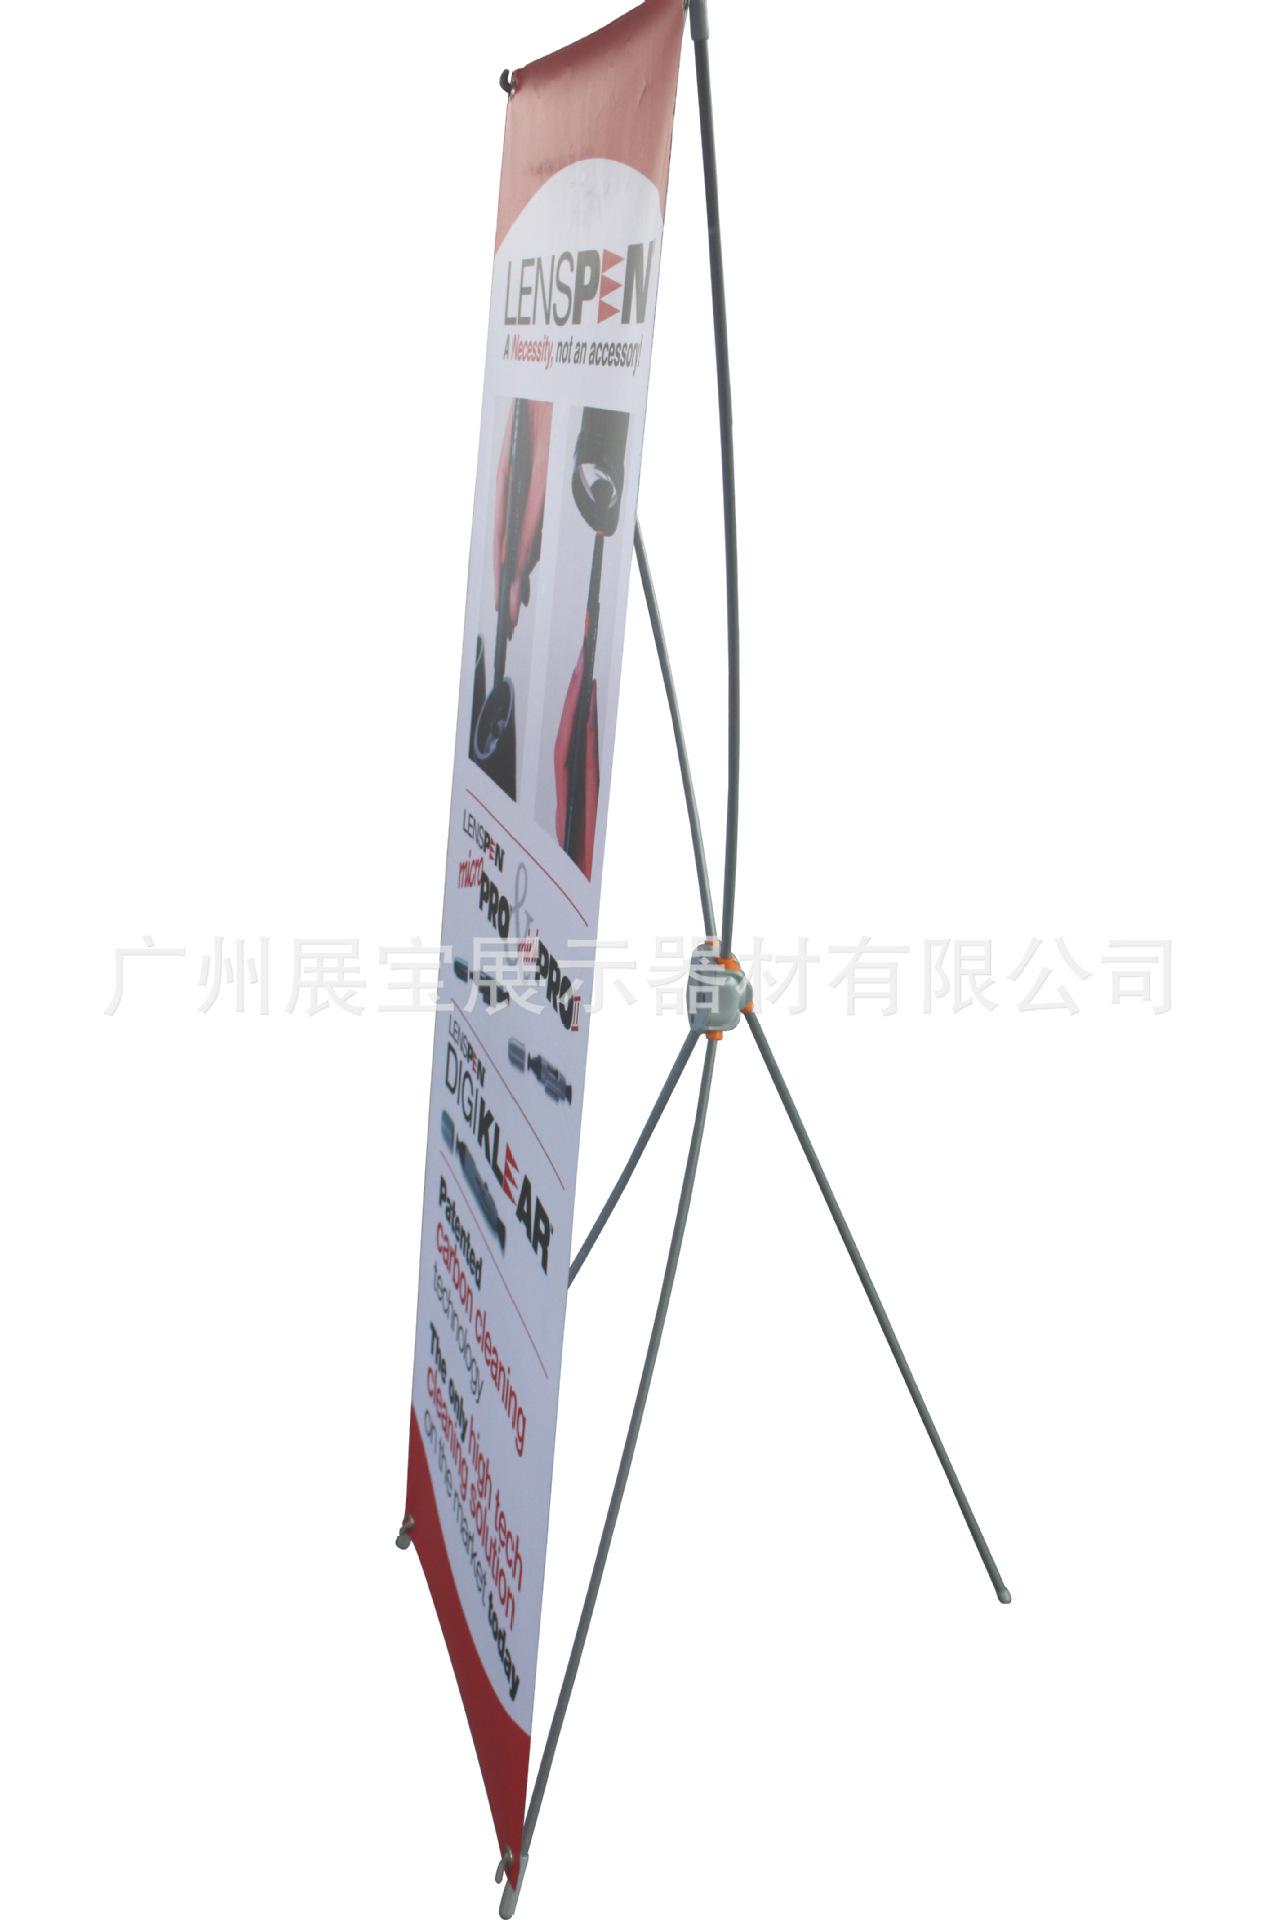 广告海报架 出口型展架 韩式X出口型展架 广告海报架 阿里巴巴